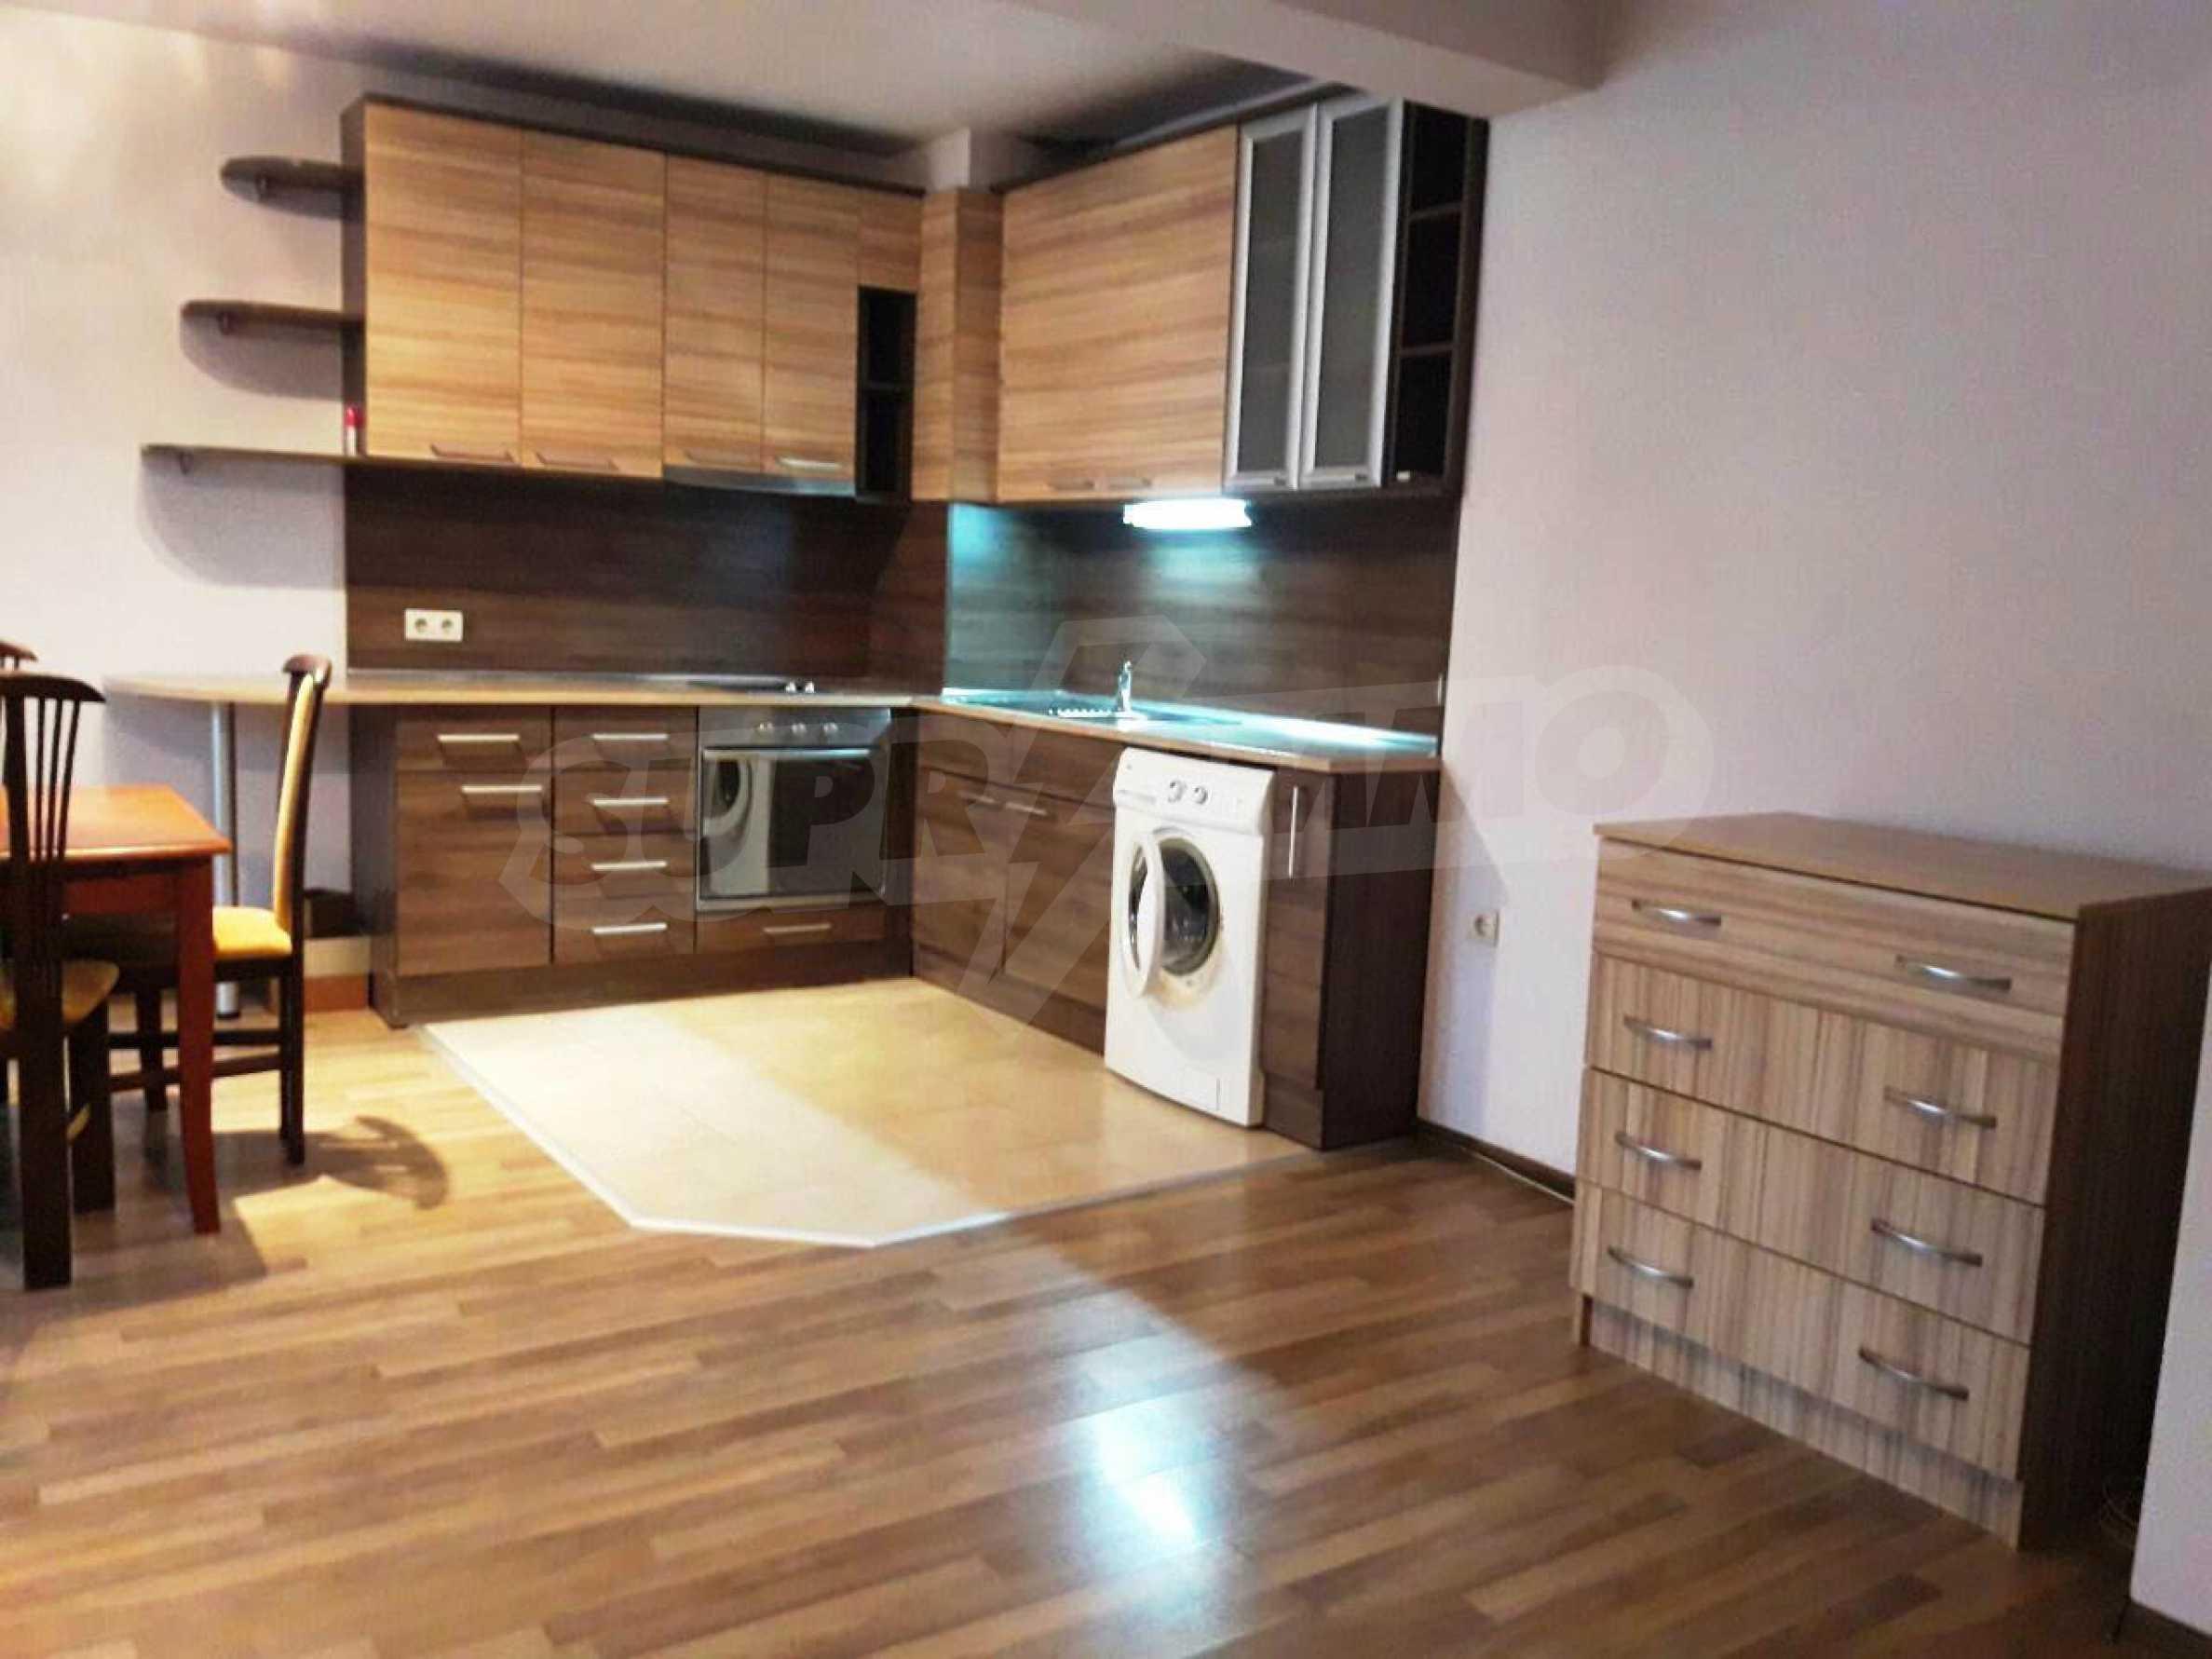 Апартамент Мери - тристаен имот в съвременна сграда на 5 мин. от Макдрайв 4